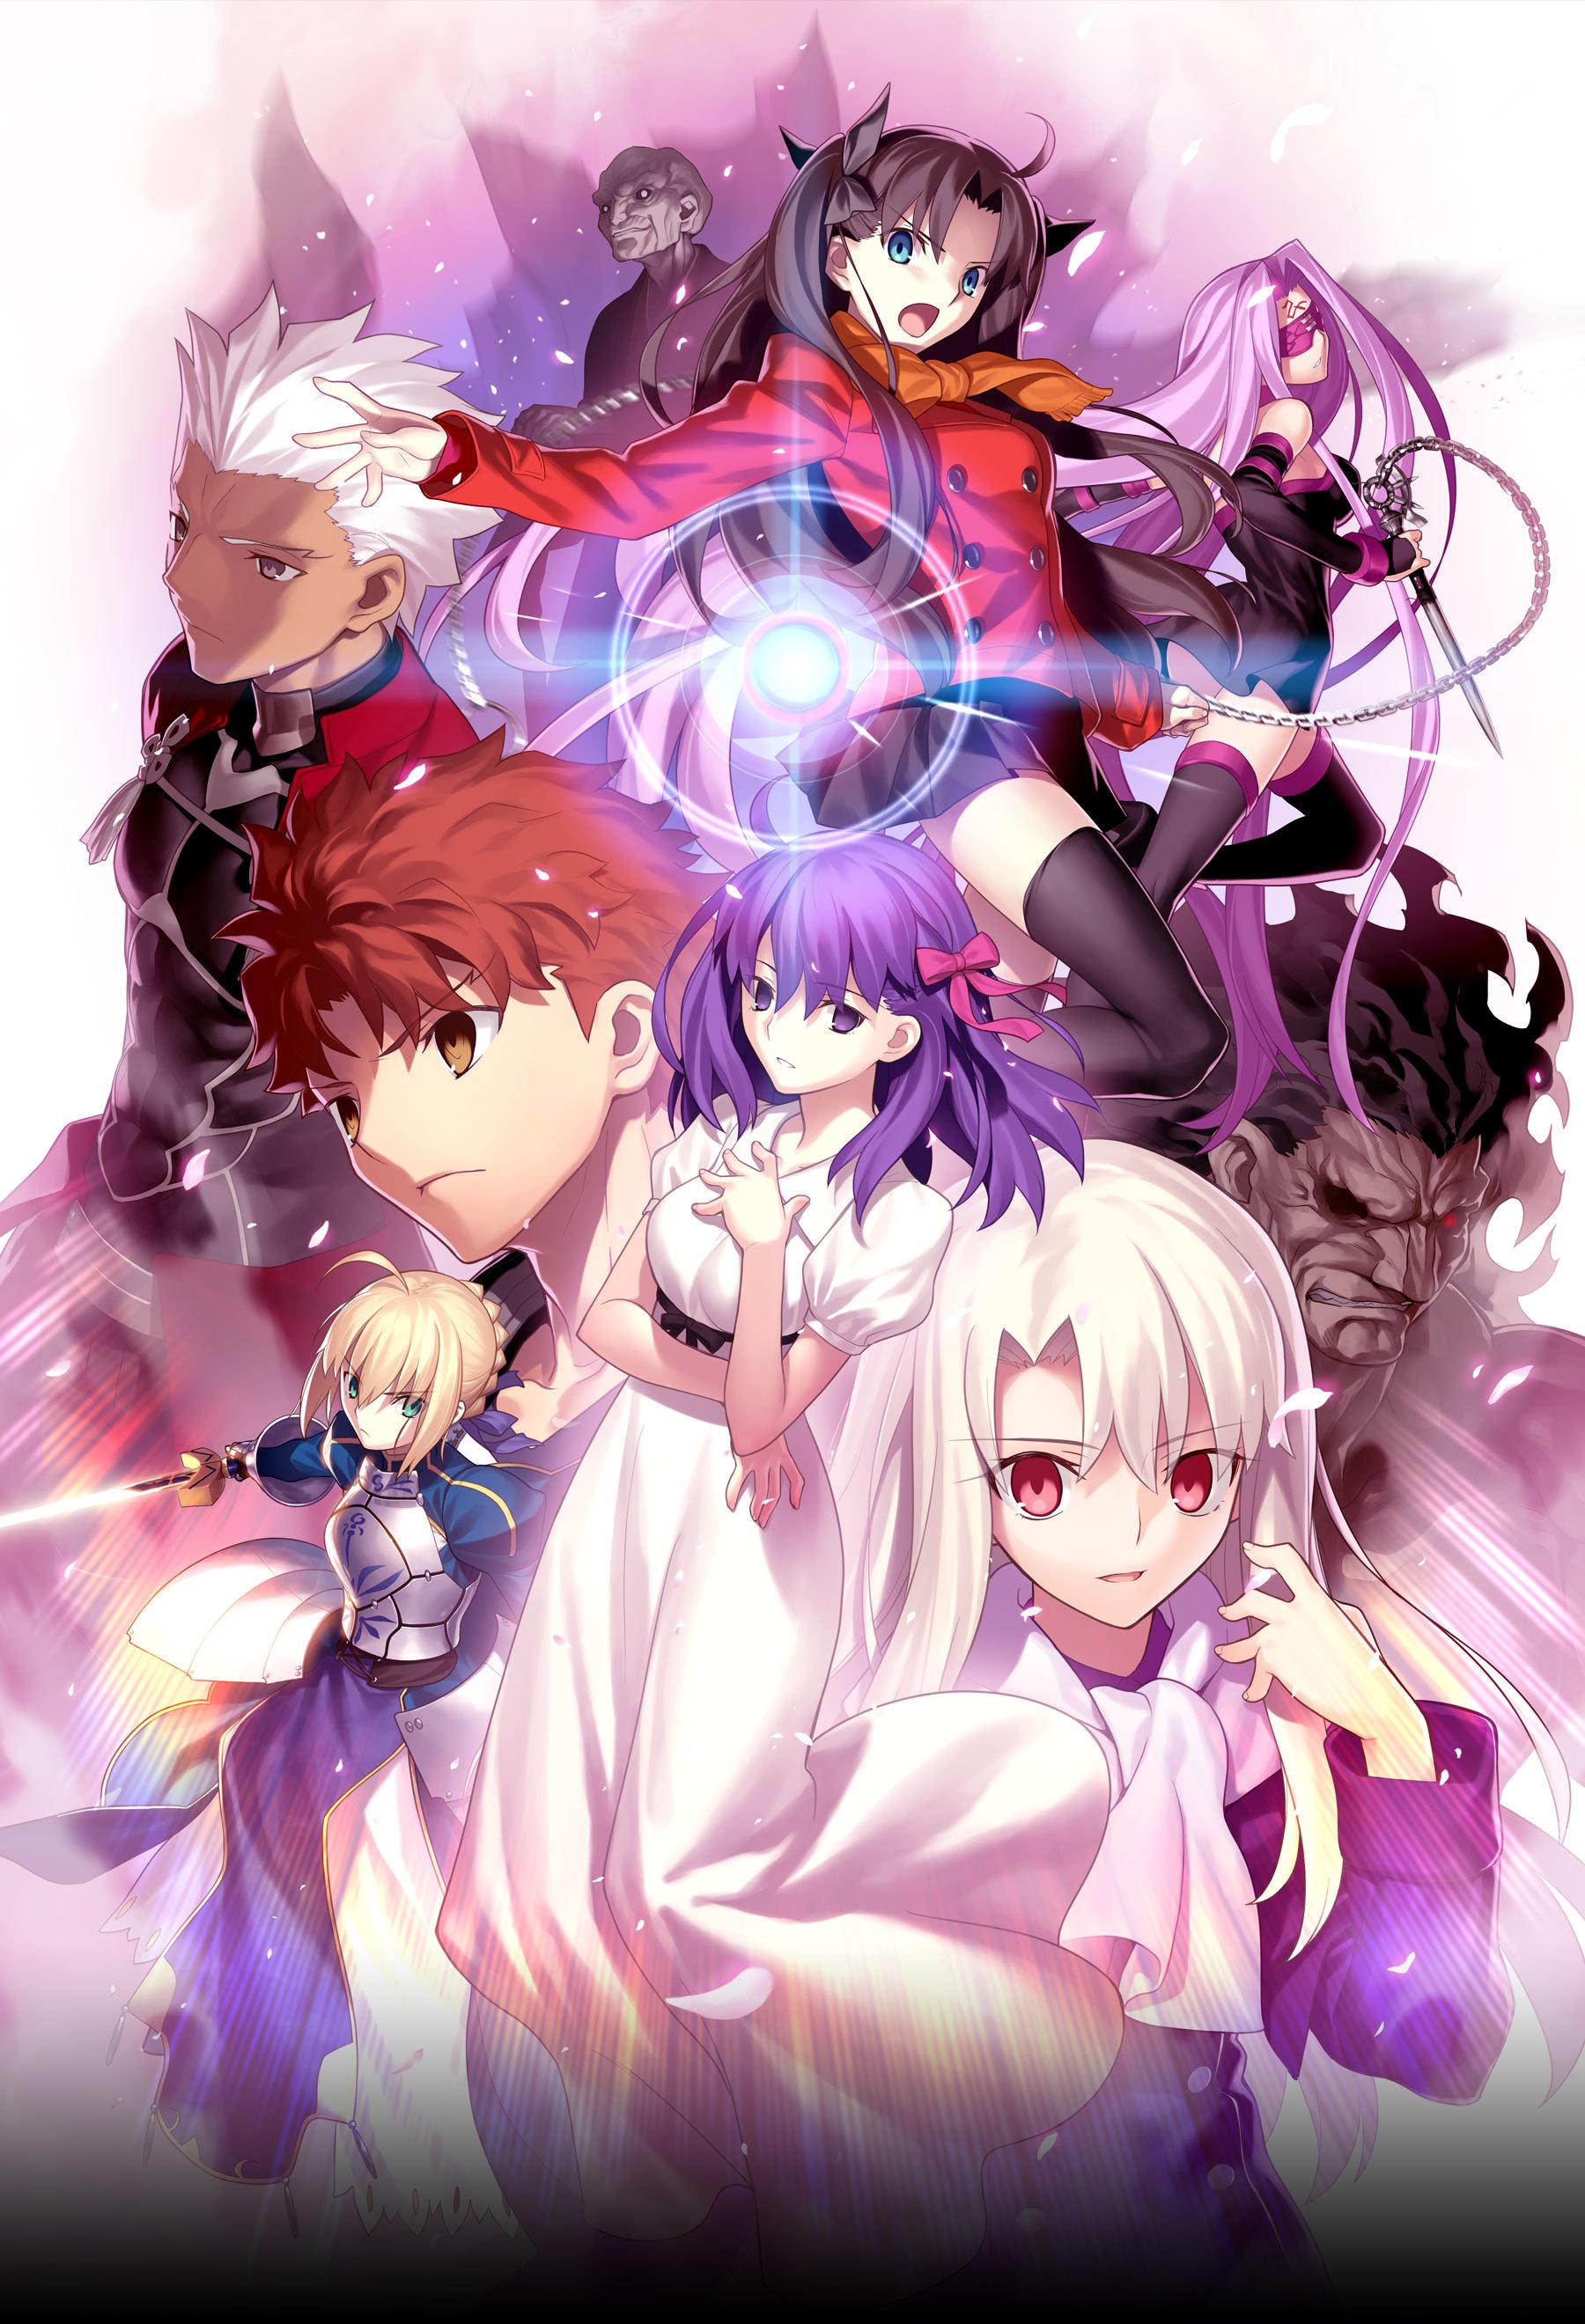 劇場版『Fate/stay night [Heaven's Feel]』